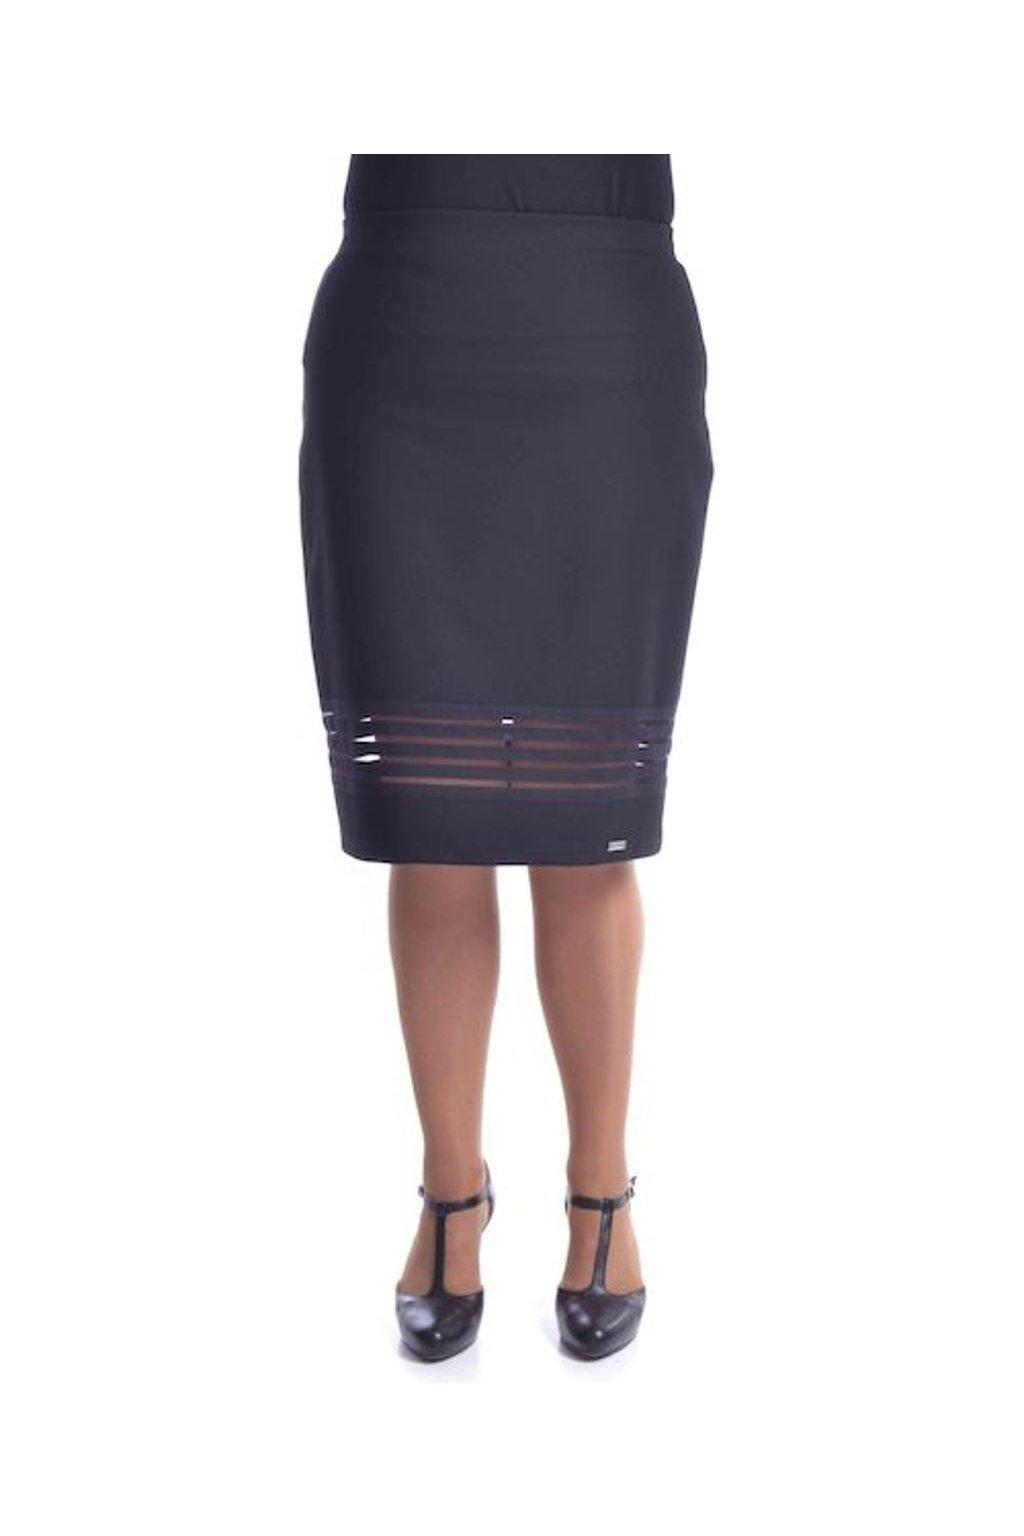 7720 Sukně Gabi (Velikost 36, Barva Černá)